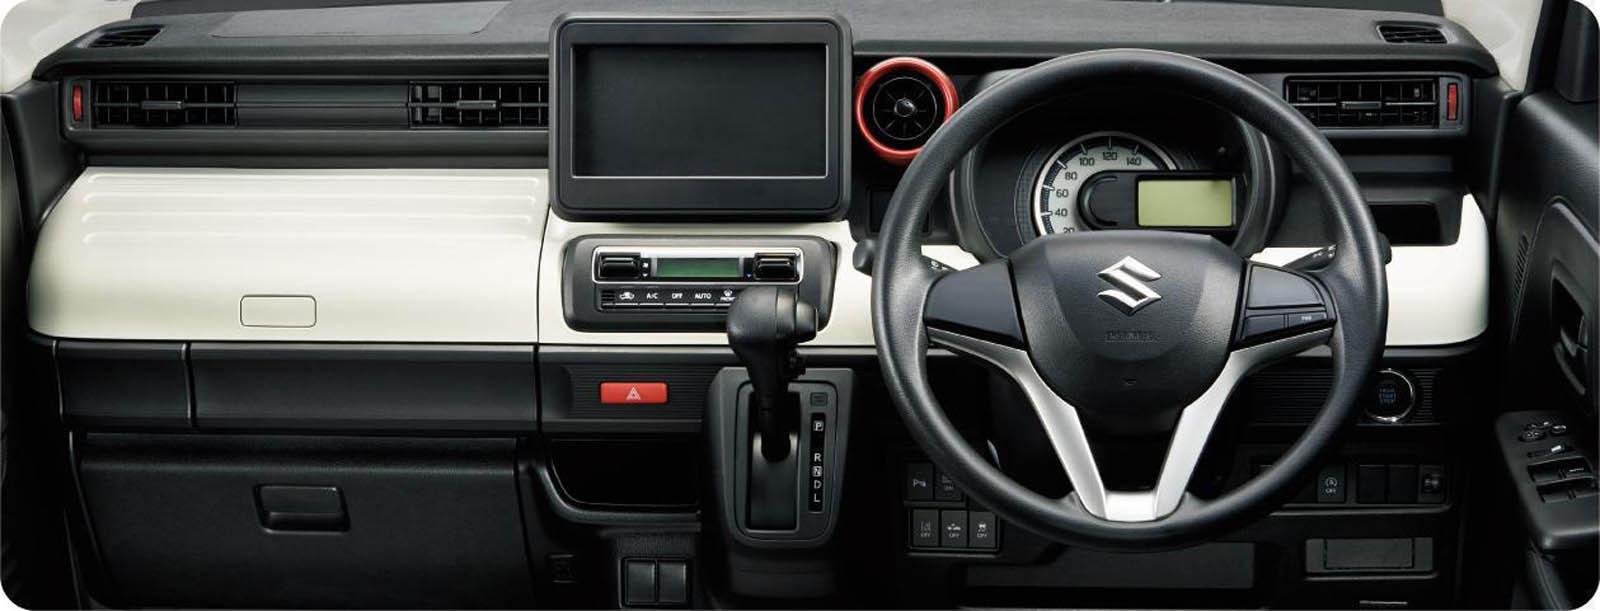 Suzuki Spacia 2018 (33)